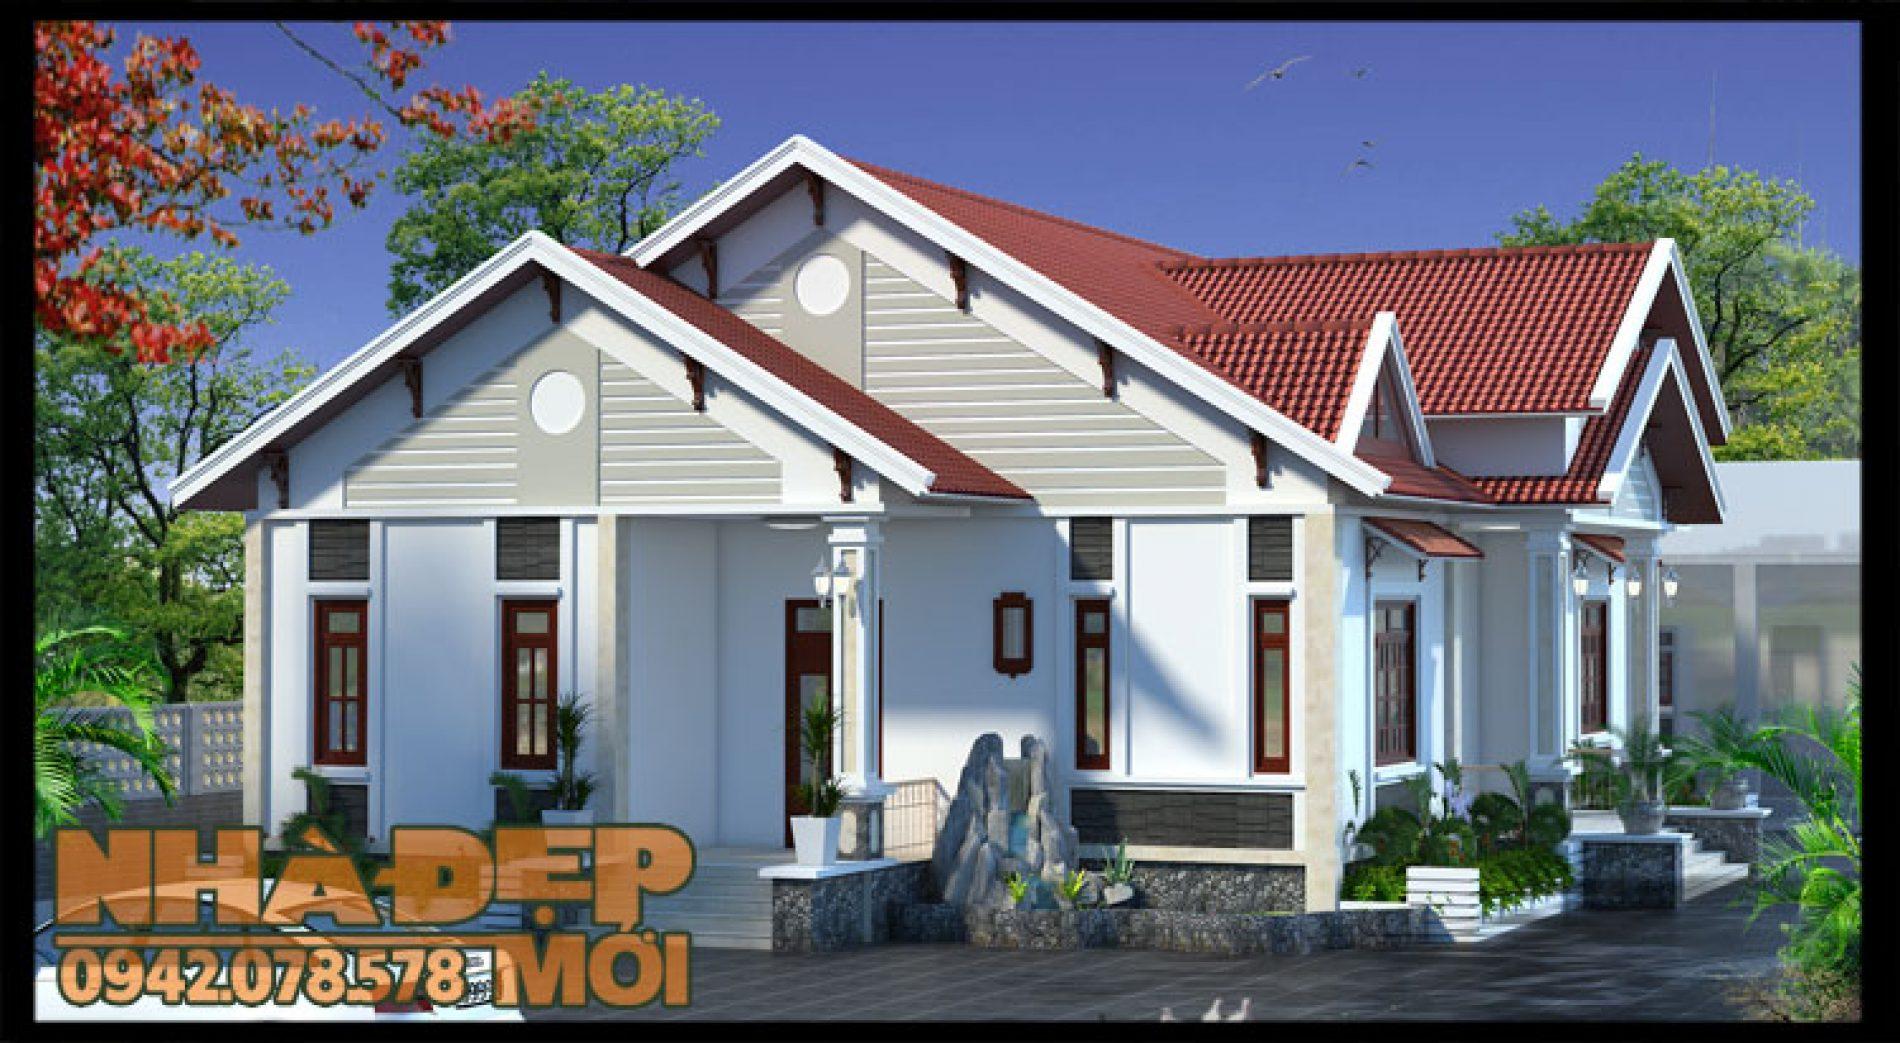 Bản vẽ chi tiết nhà cấp 4 nông thôn 4 phòng ngủ tại Vĩnh Phúc-VNC250517